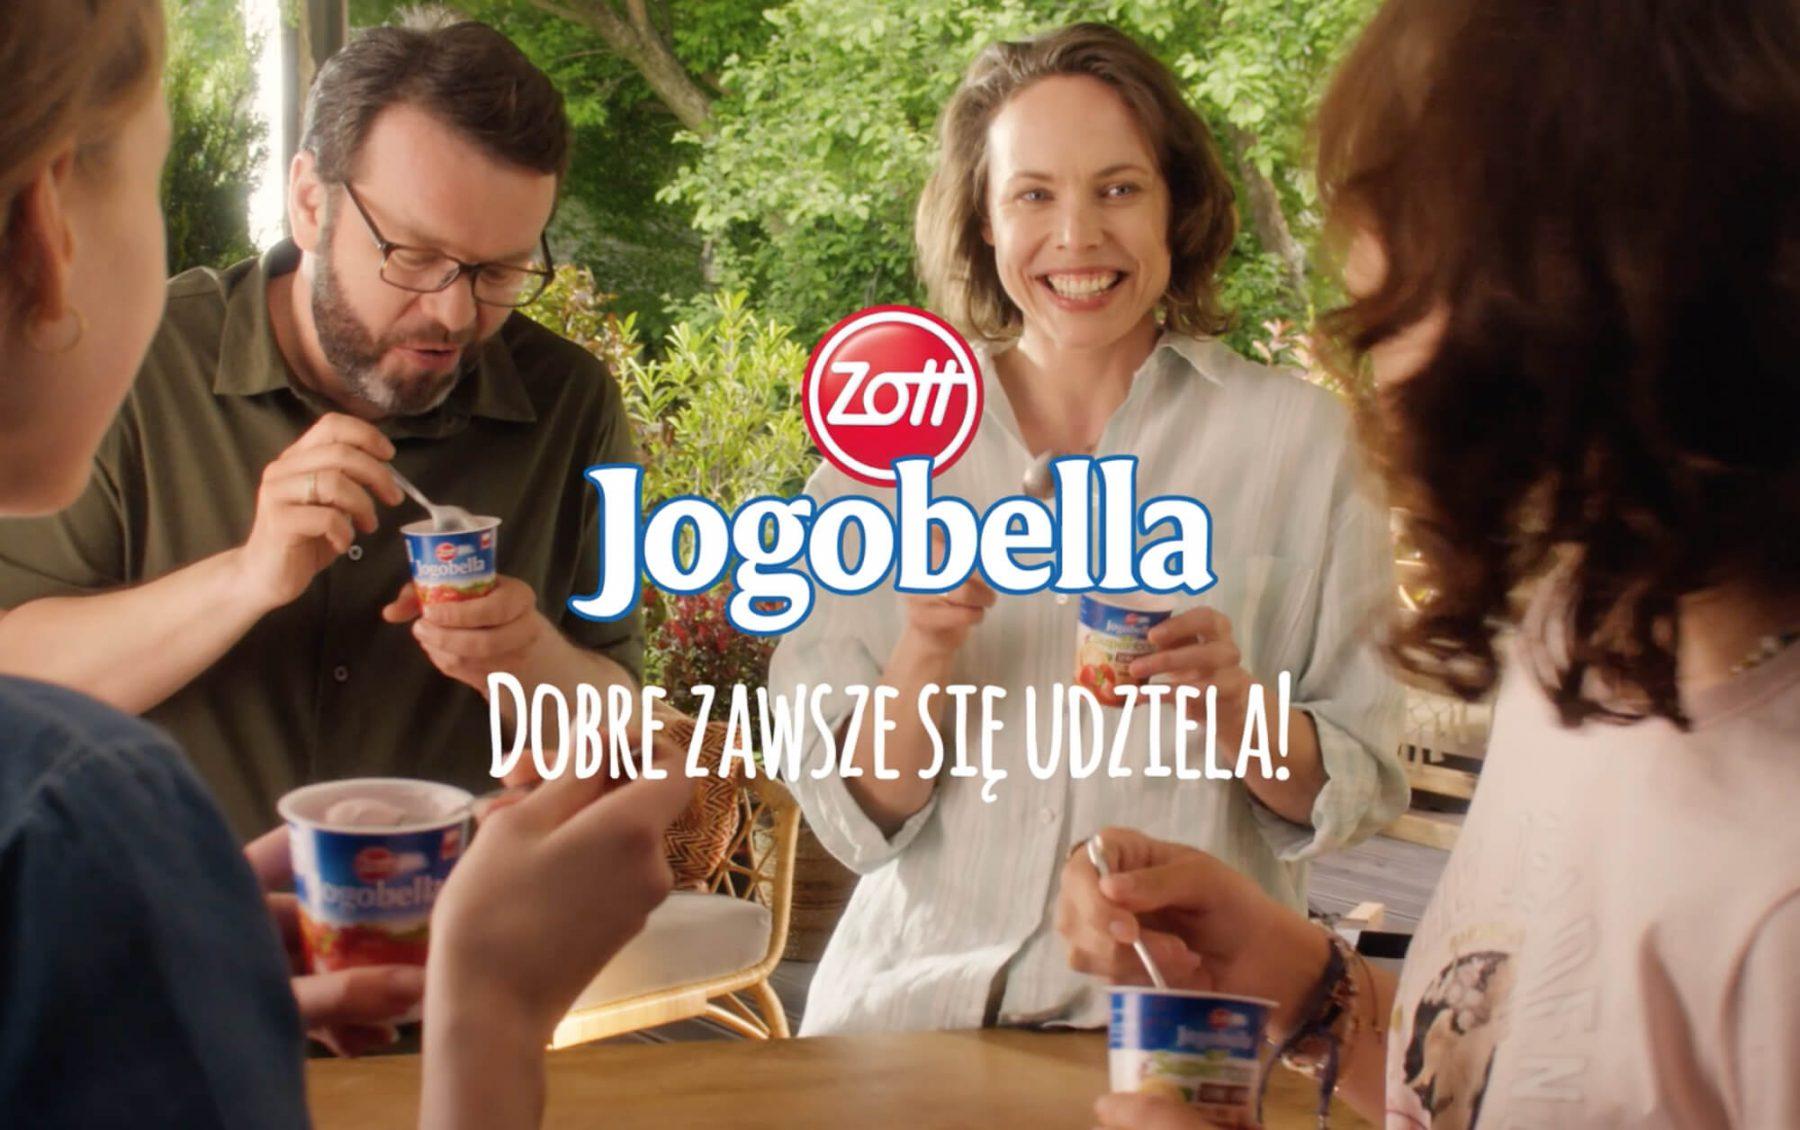 Zott Jogobella